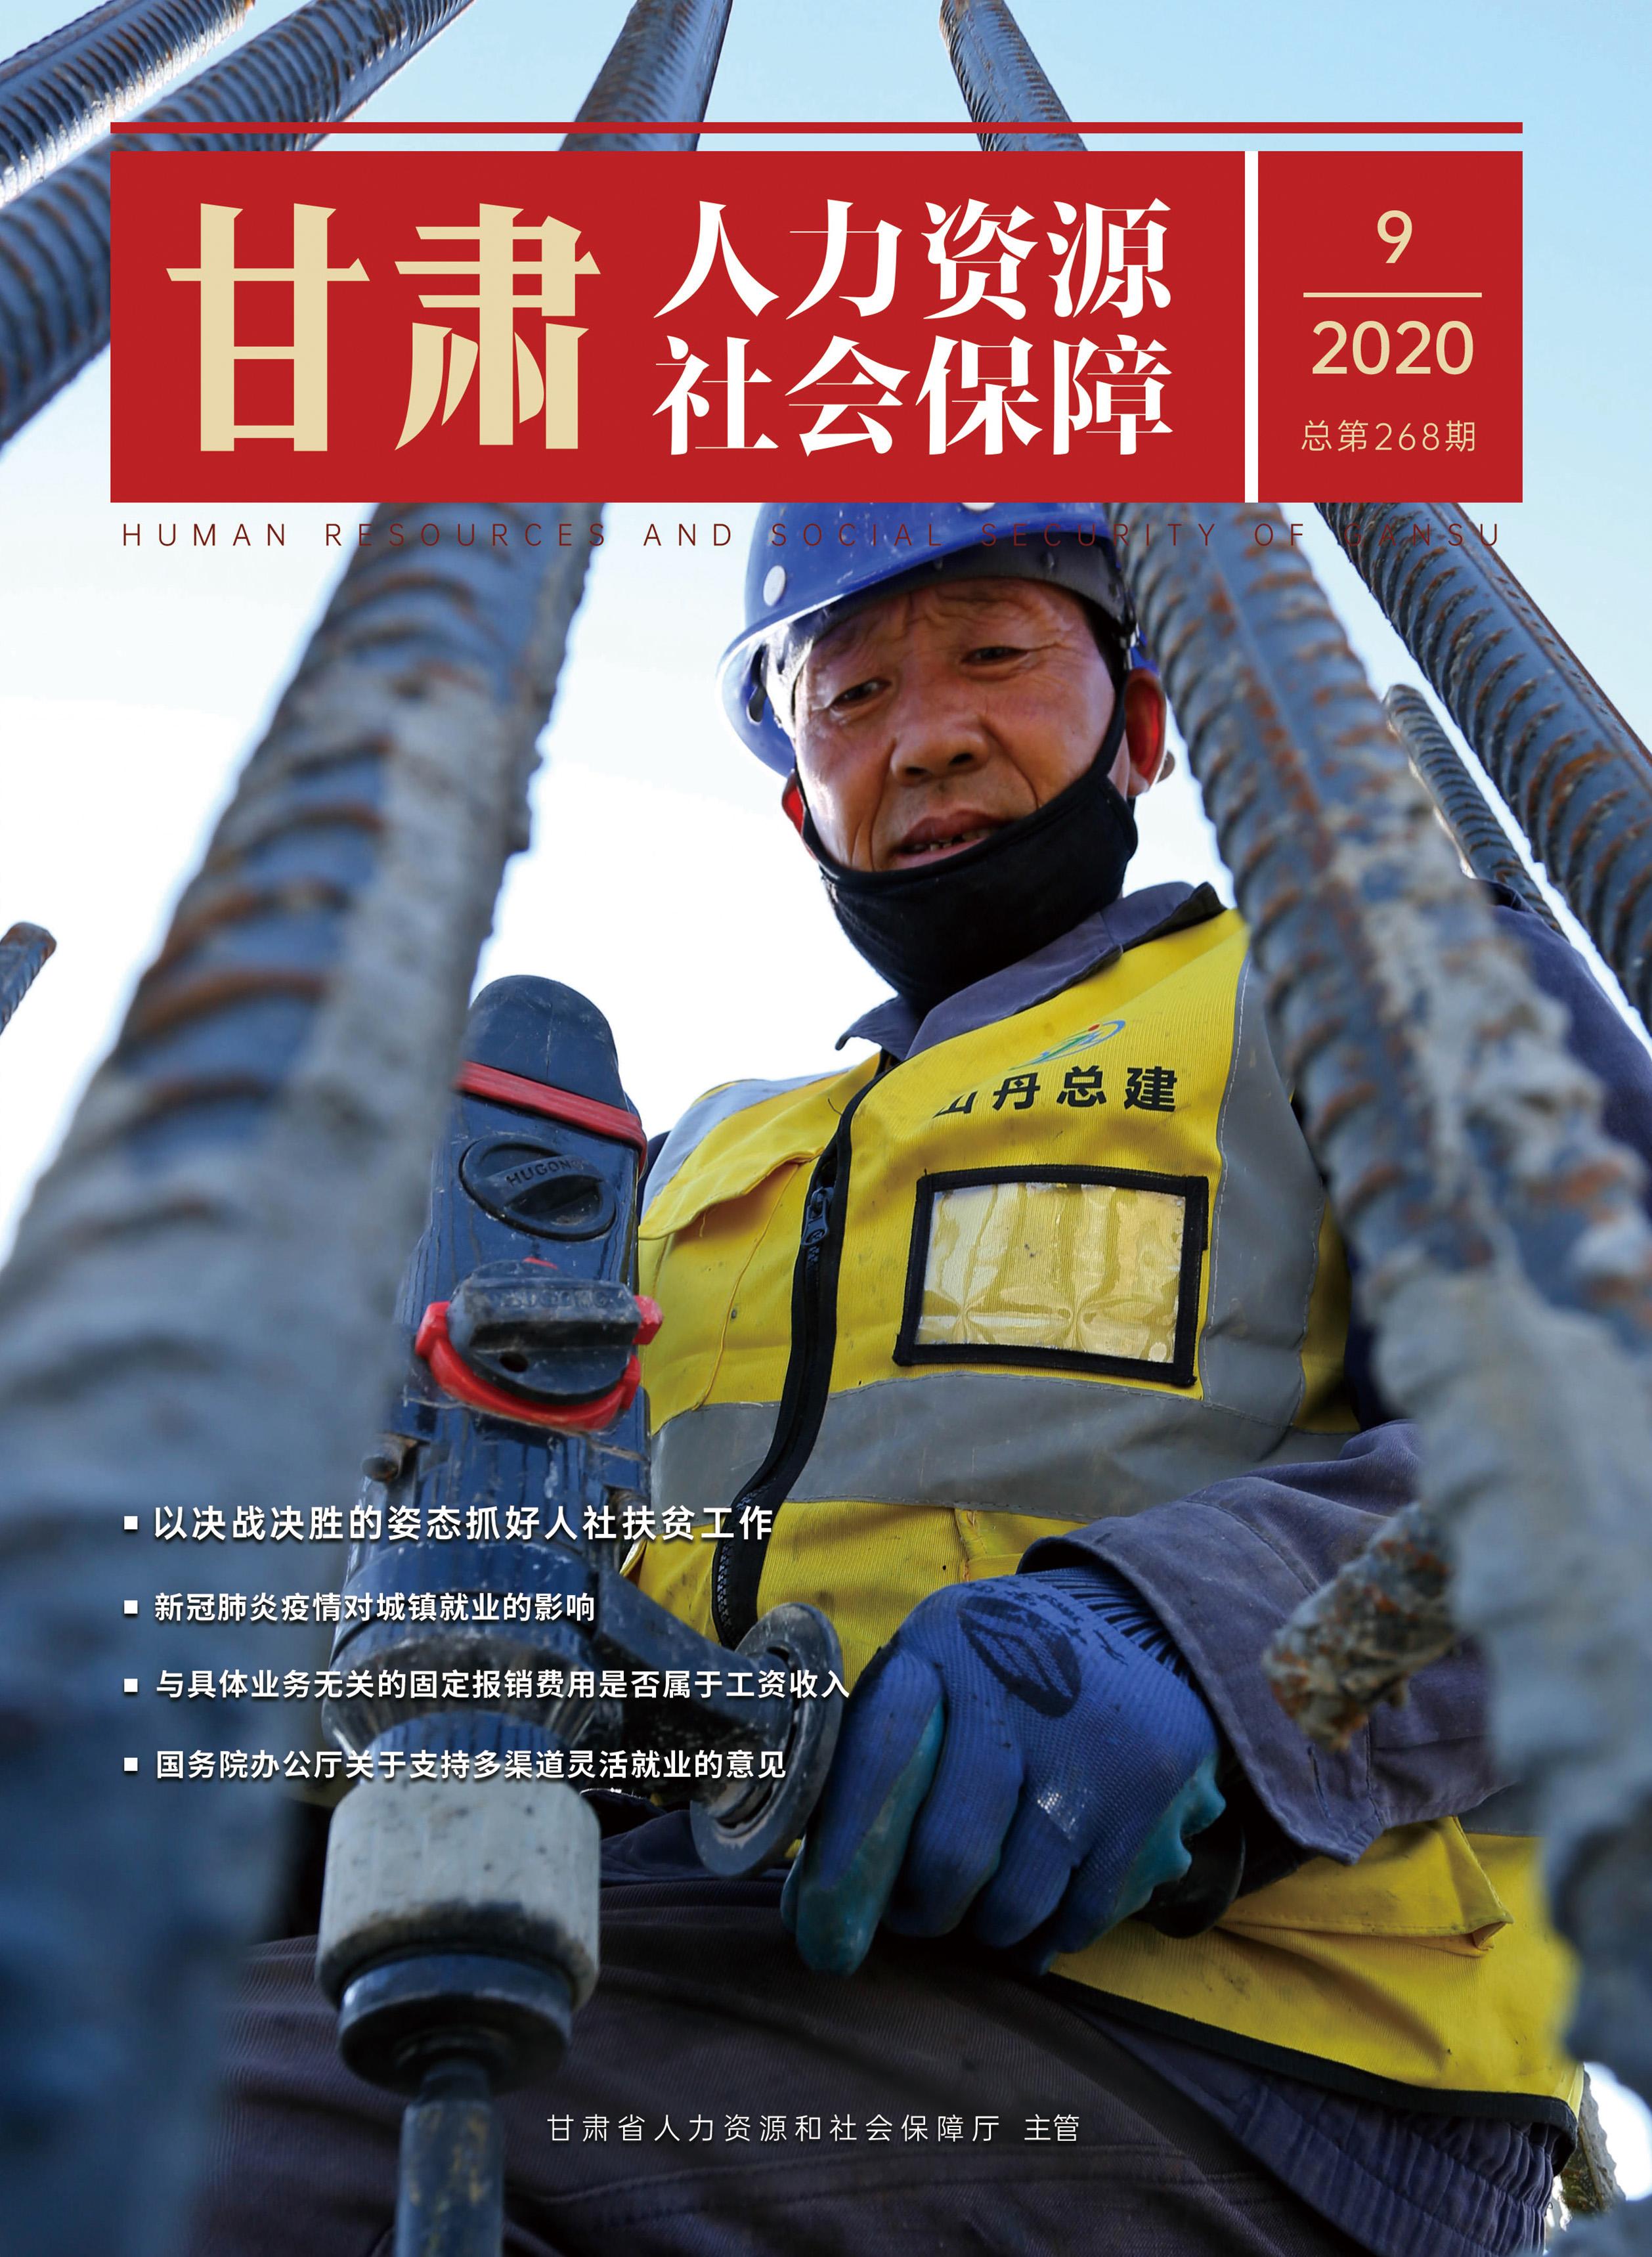 《人社》杂志2020年第九期